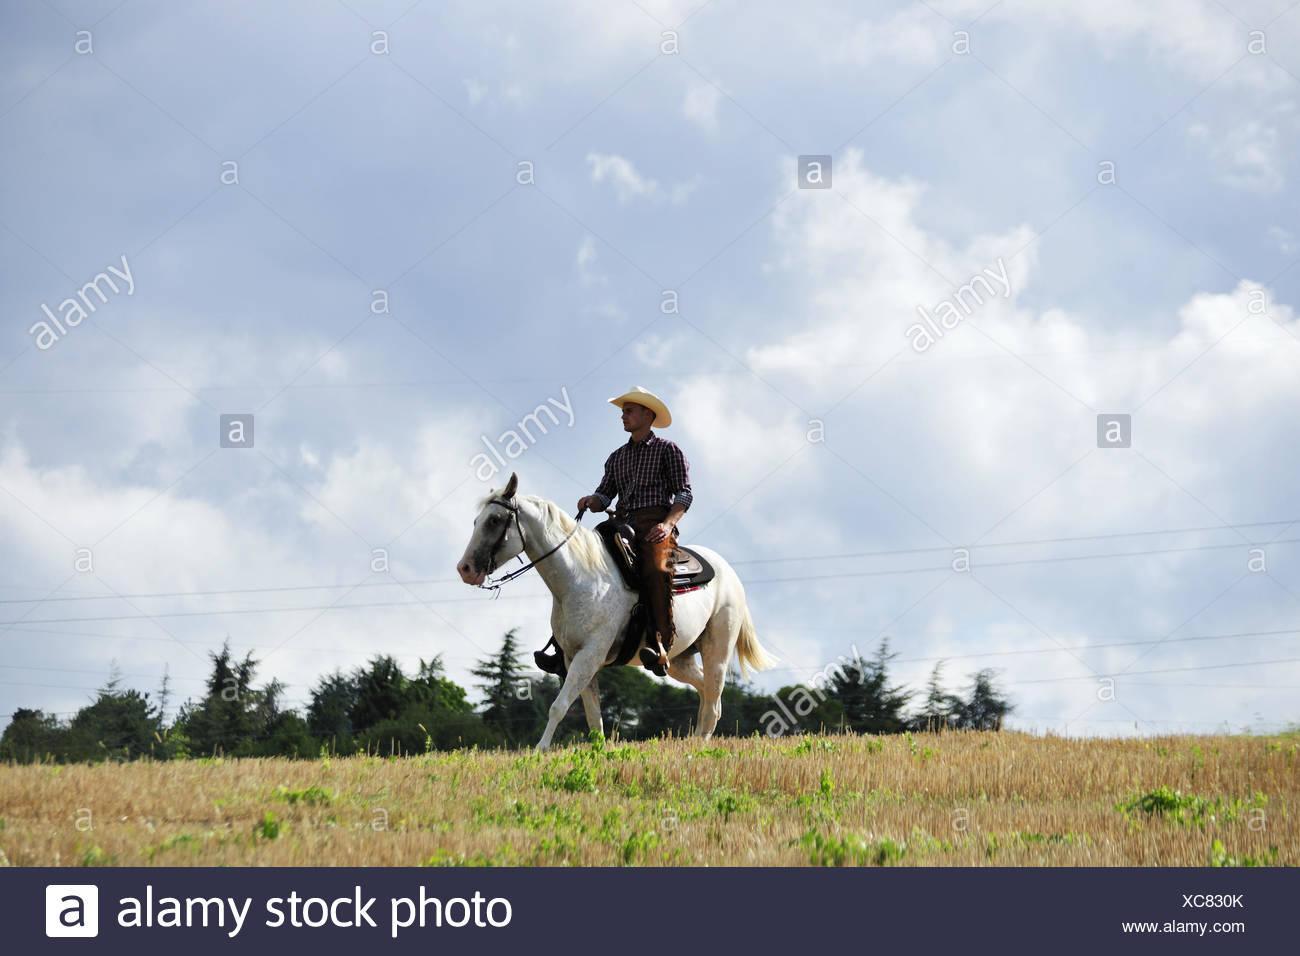 Vaquero joven en marcha al trote a caballo en el campo Imagen De Stock